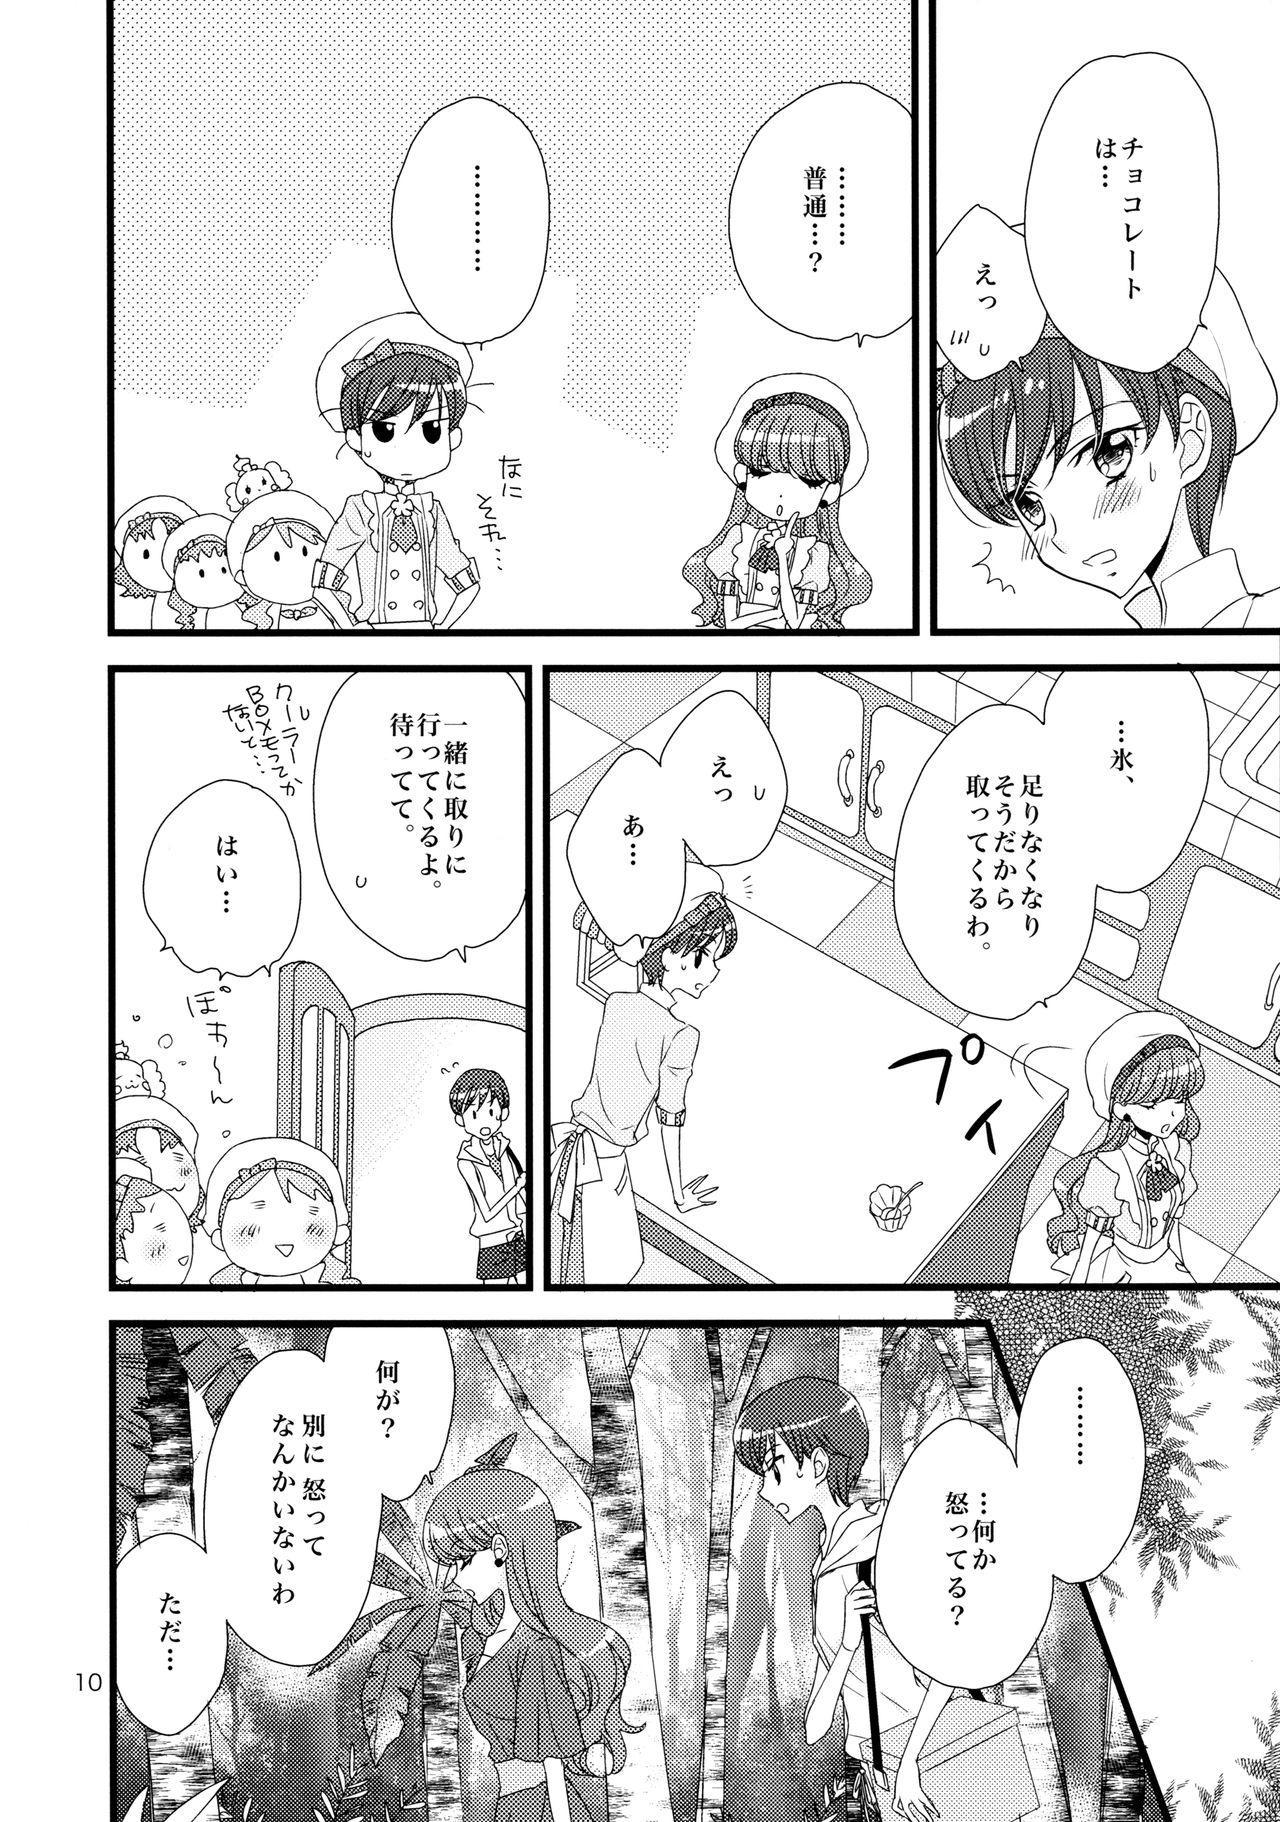 Afurederu Koboreochiru Kirakiraru 9